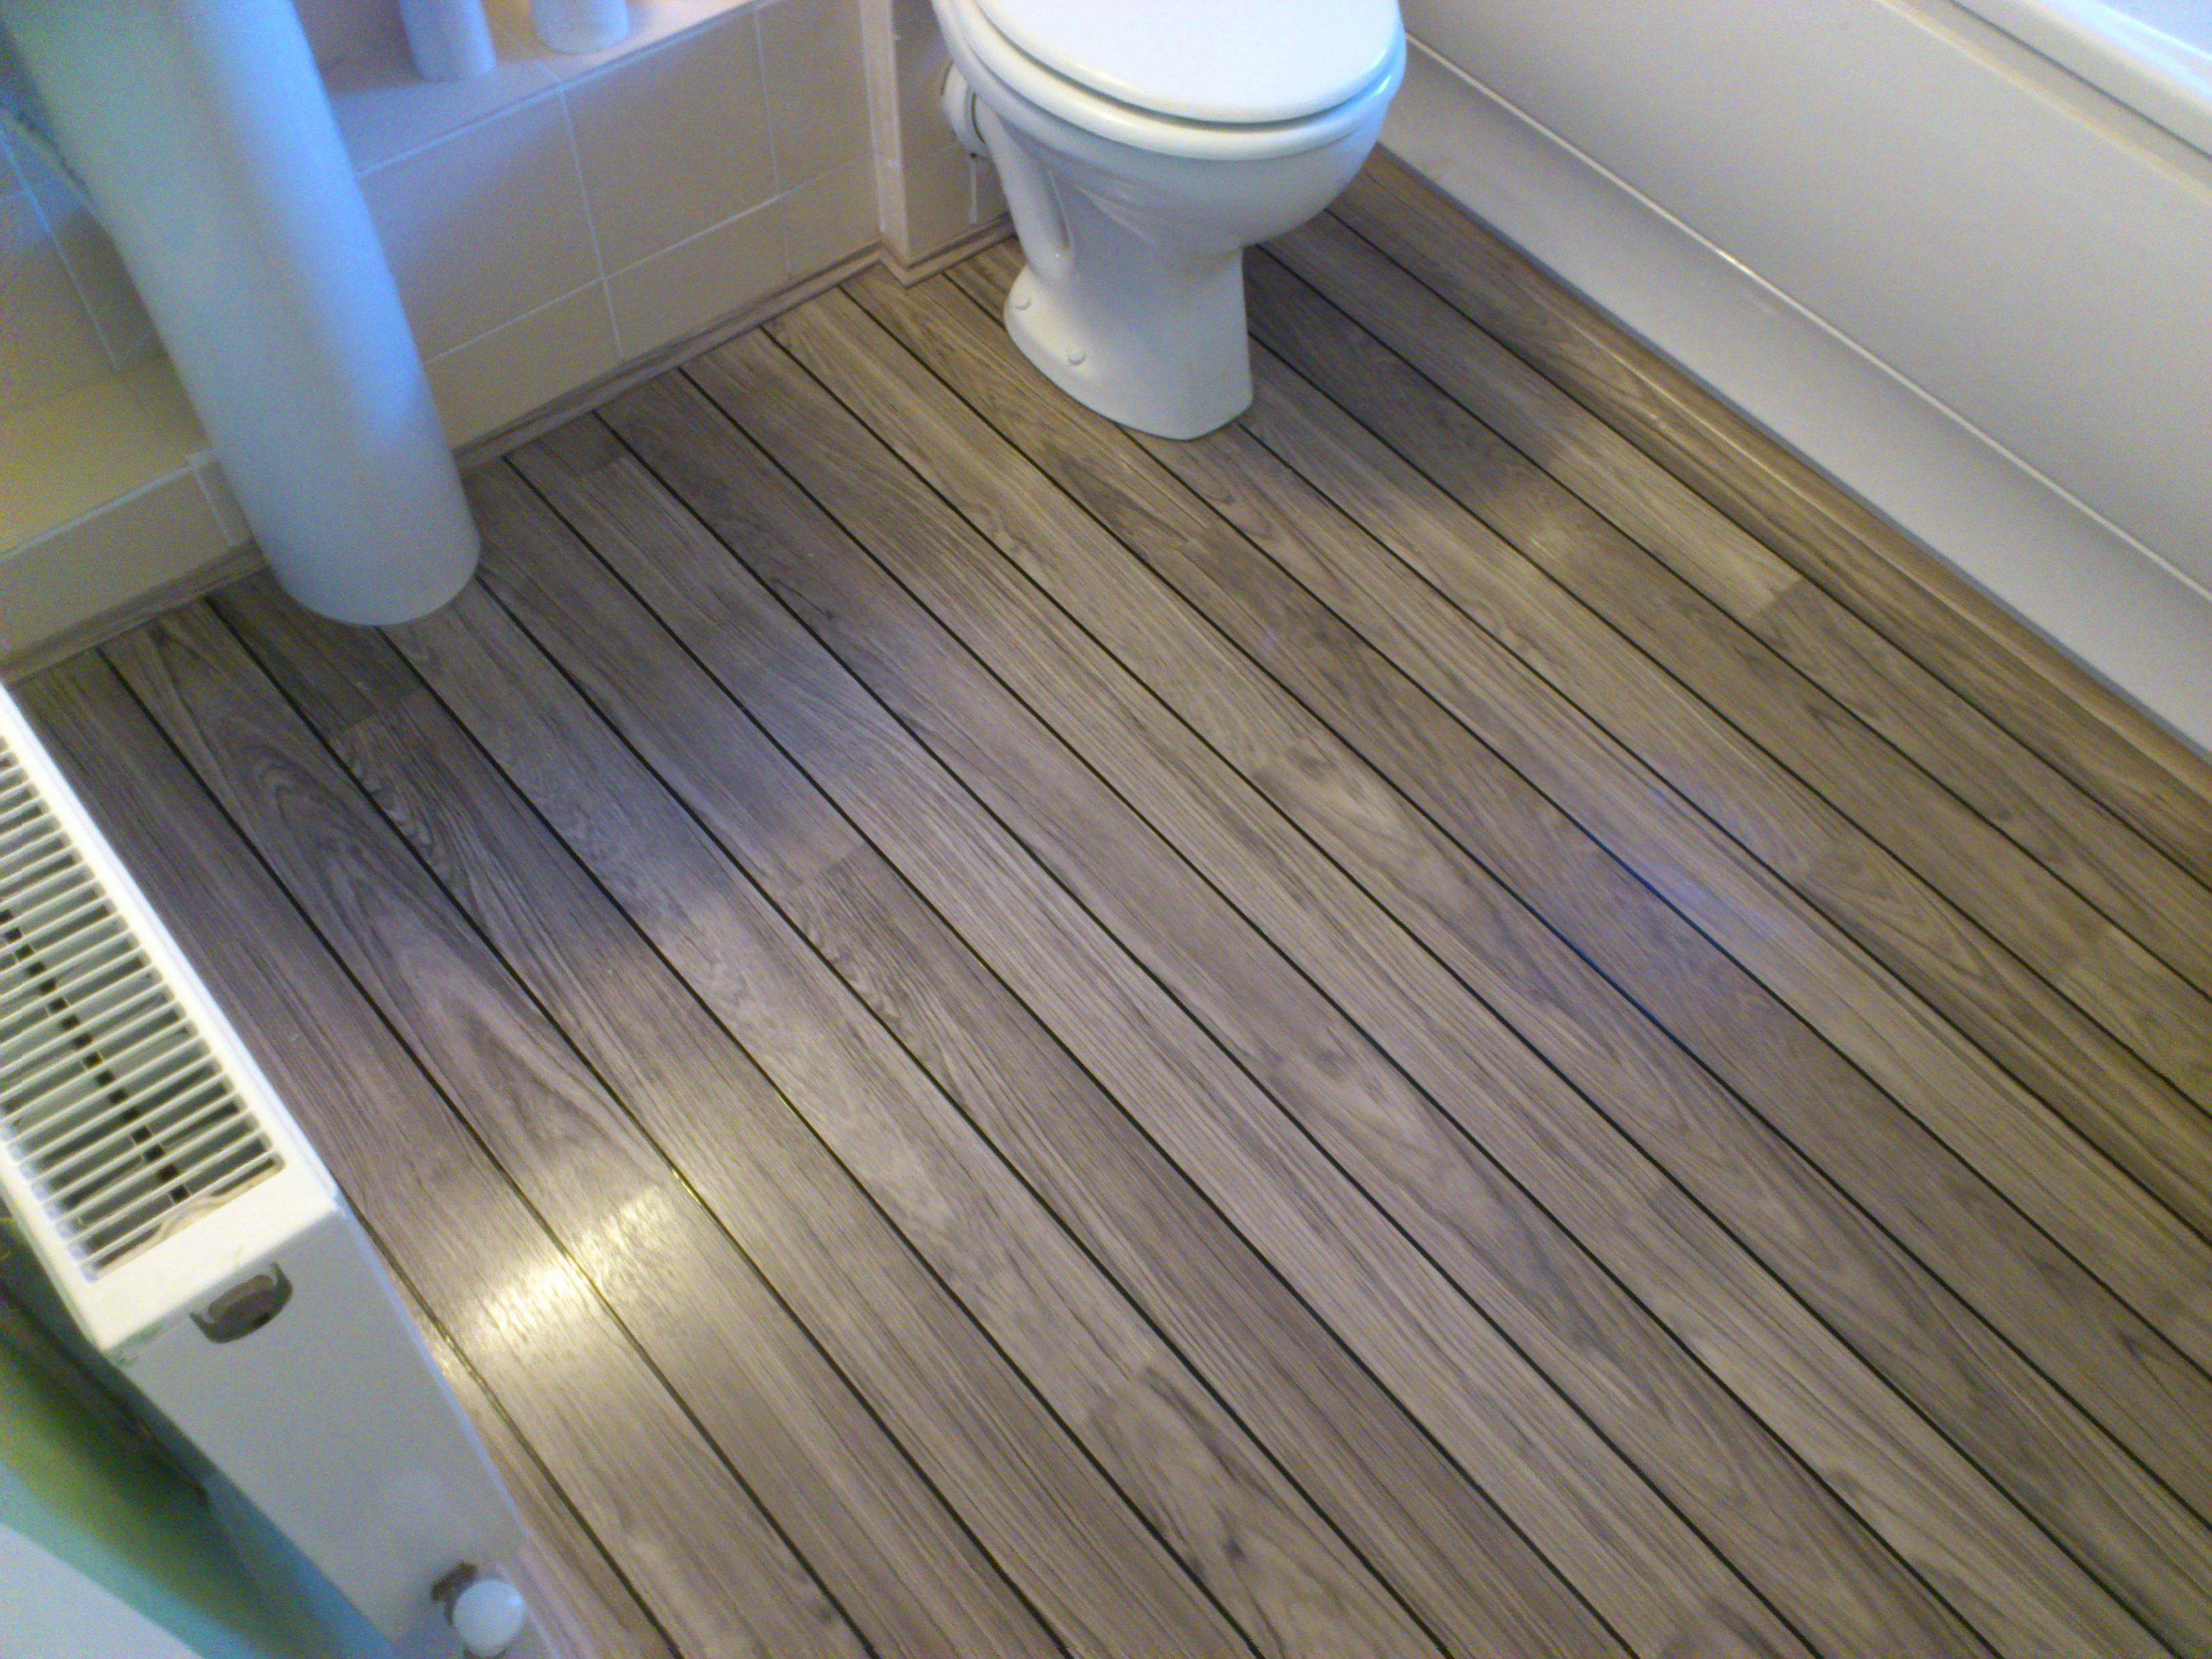 Quick Step Laminate Flooring In Bathroom Dublin